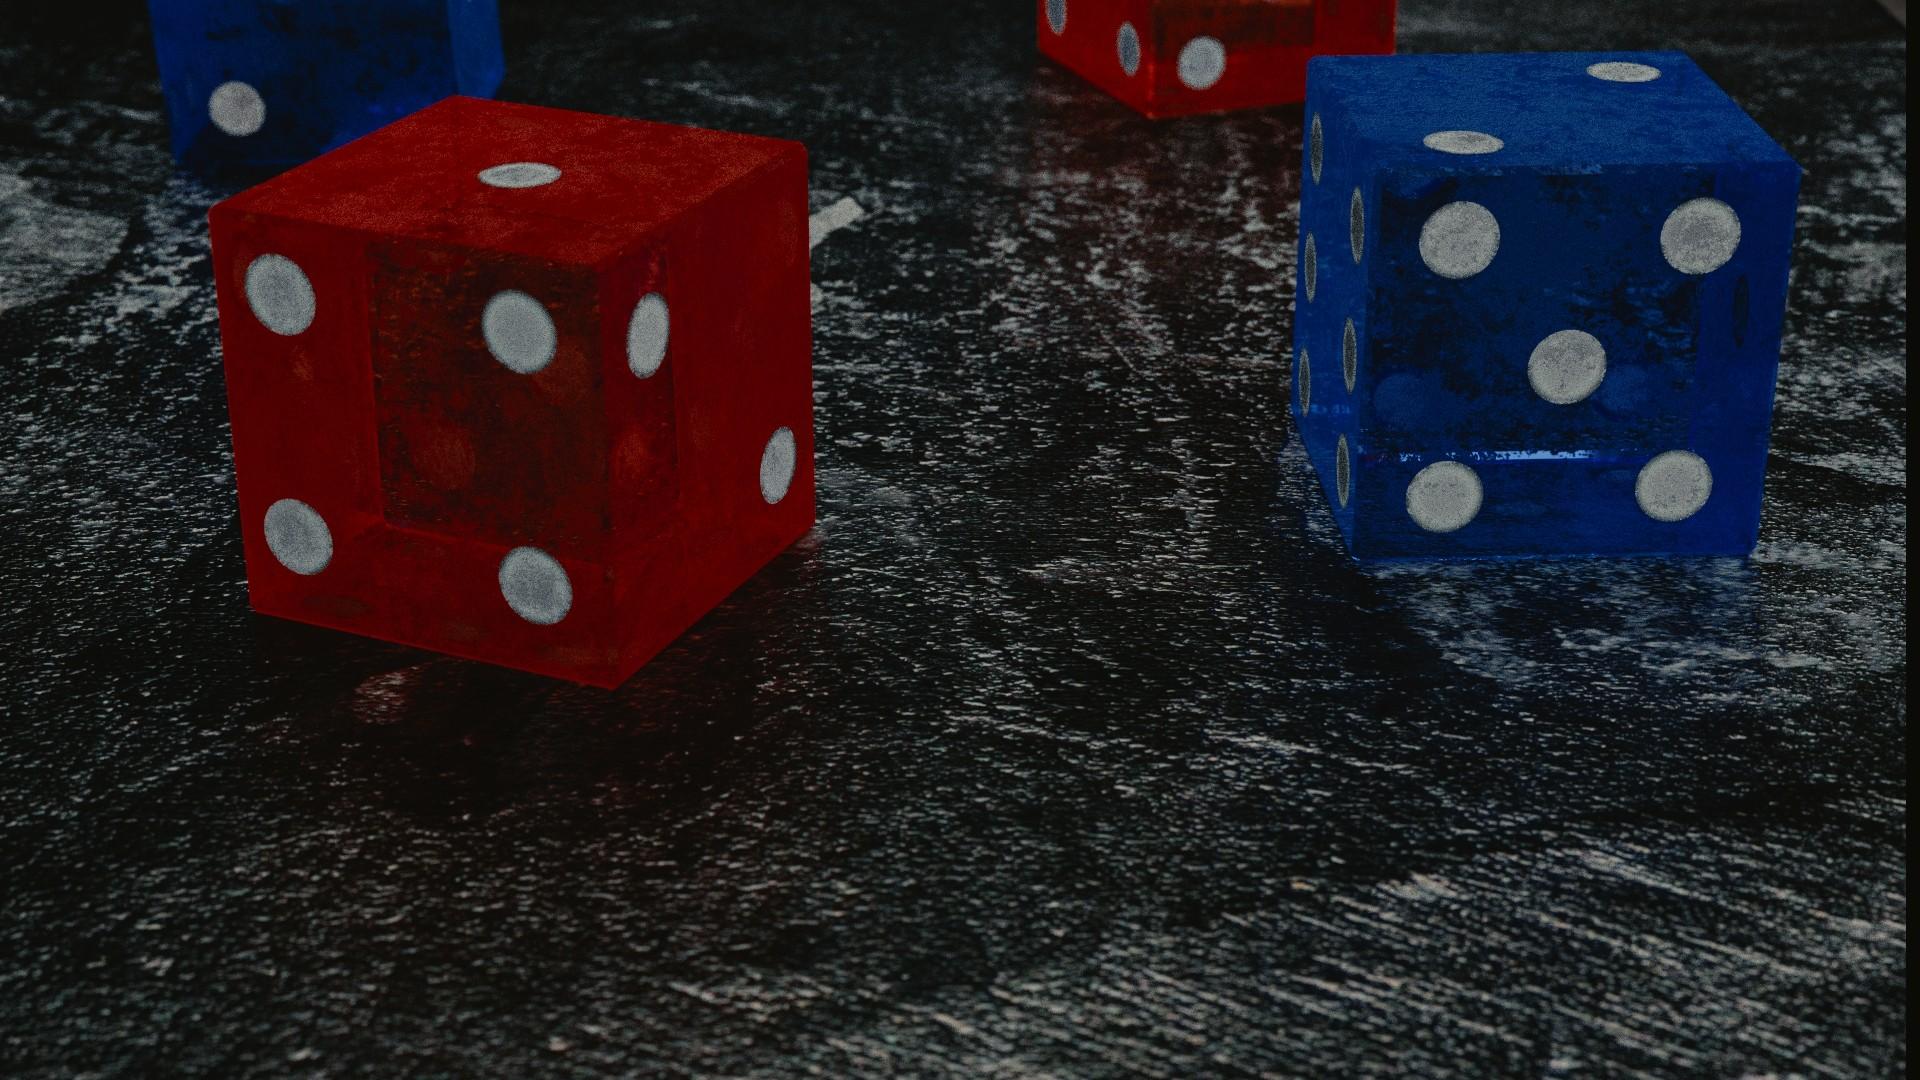 デスクトップ壁紙 赤 Cgi 青 サイコロ 数 レクリエーション 屋内ゲーム スポーツ ボードゲーム ダイスゲーム 卓球ゲーム 19x1080 Hanako デスクトップ壁紙 Wallhere